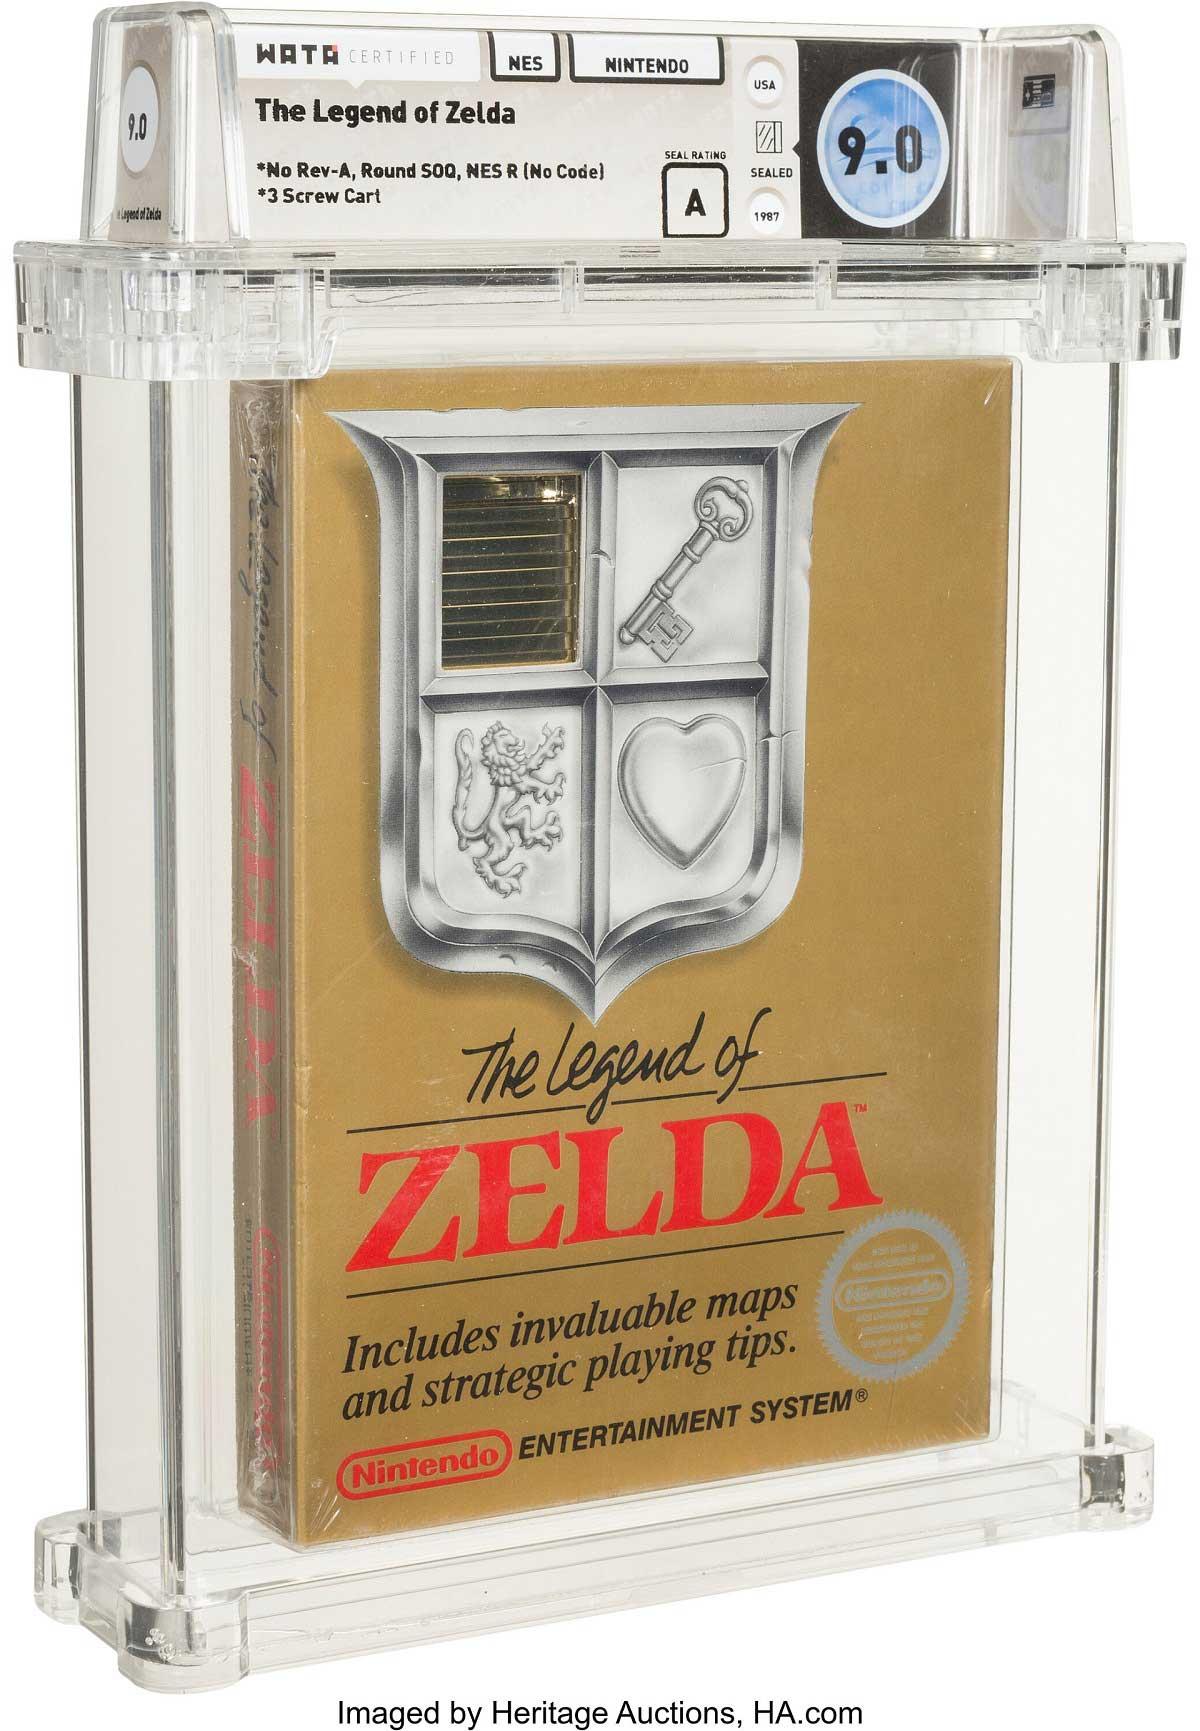 Nintendo: Ultra seltene Version des NES-Klassikers The Legend of Zelda wird versteigert